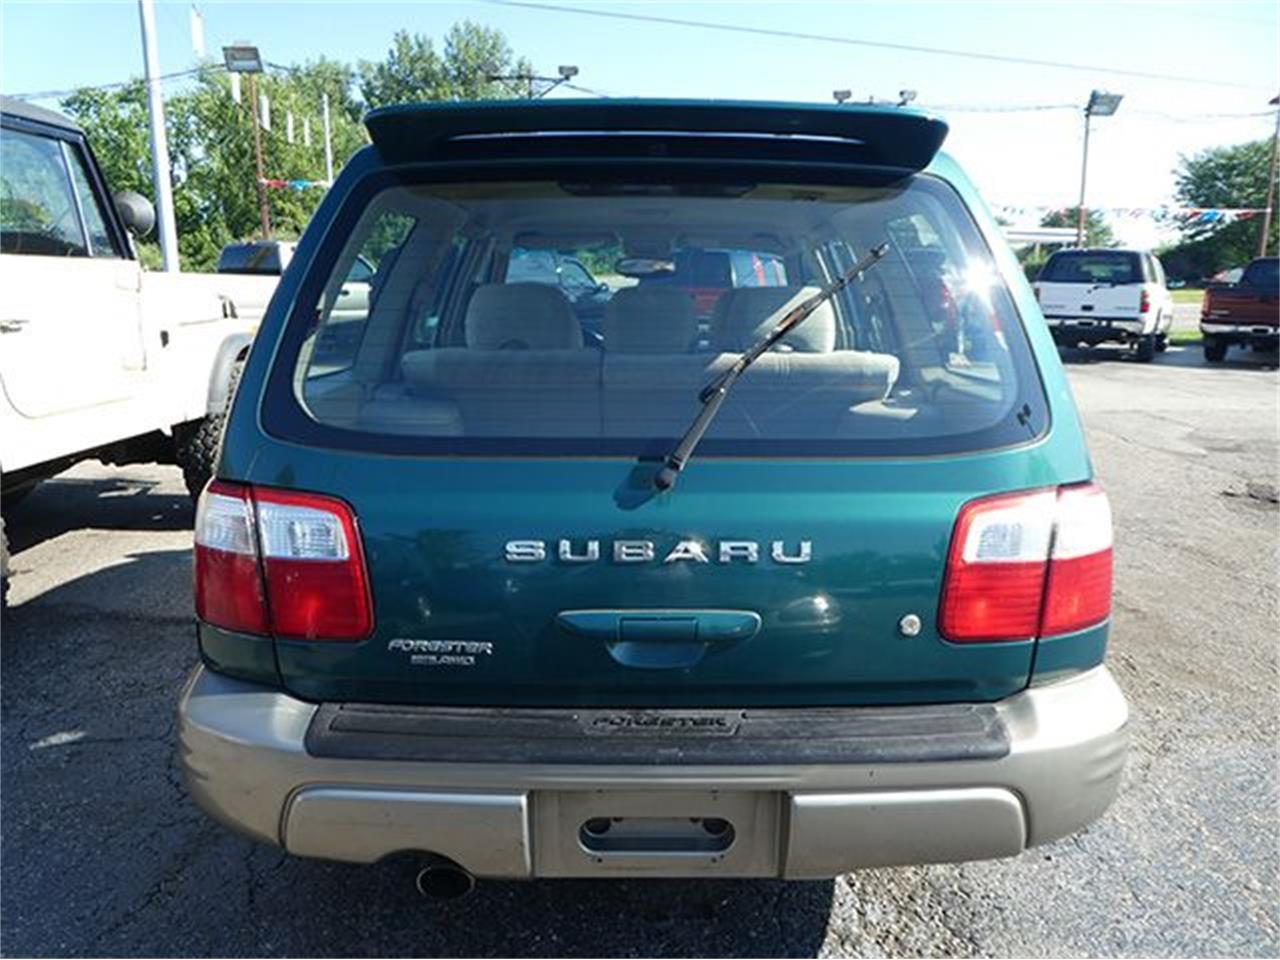 2001 subaru forester for sale classiccars com cc 1127505 2001 subaru forester for sale